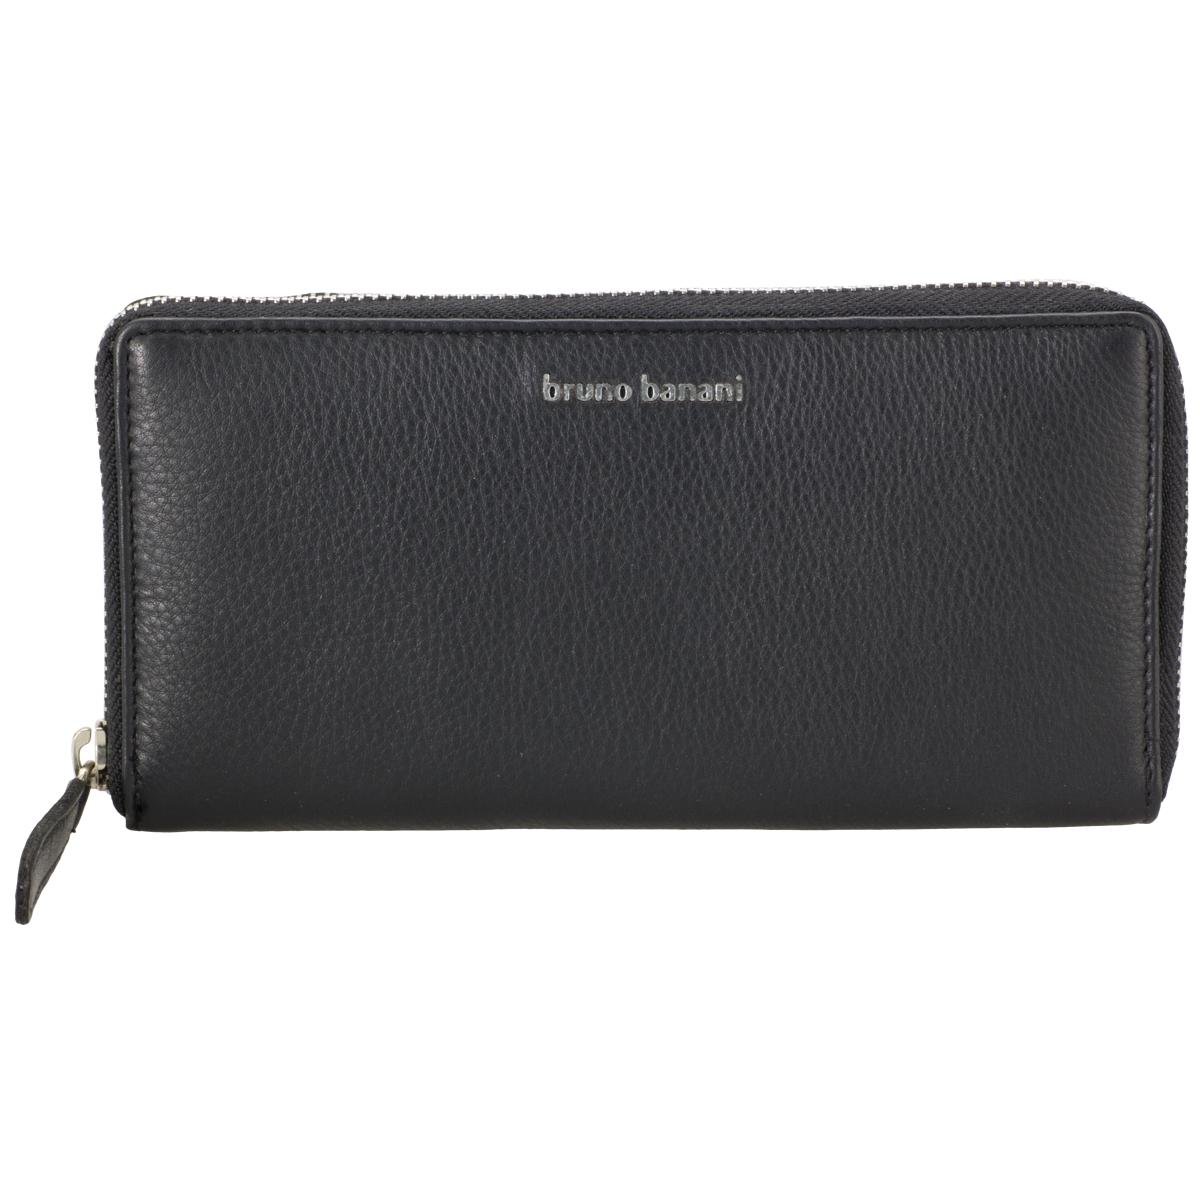 a11c4ac9d14e8 Bruno Banani   Damen Portemonnaie mit Reißverschluss   Geldbeutel Damen